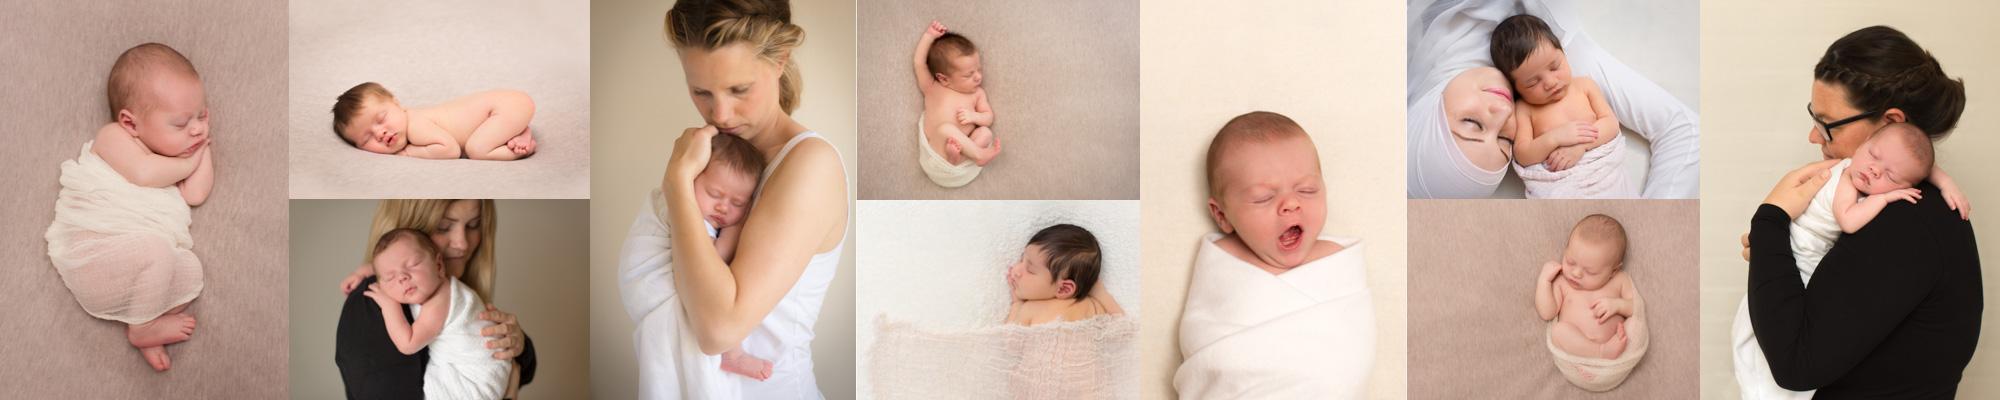 fotograf næstved nyfødt prisliste